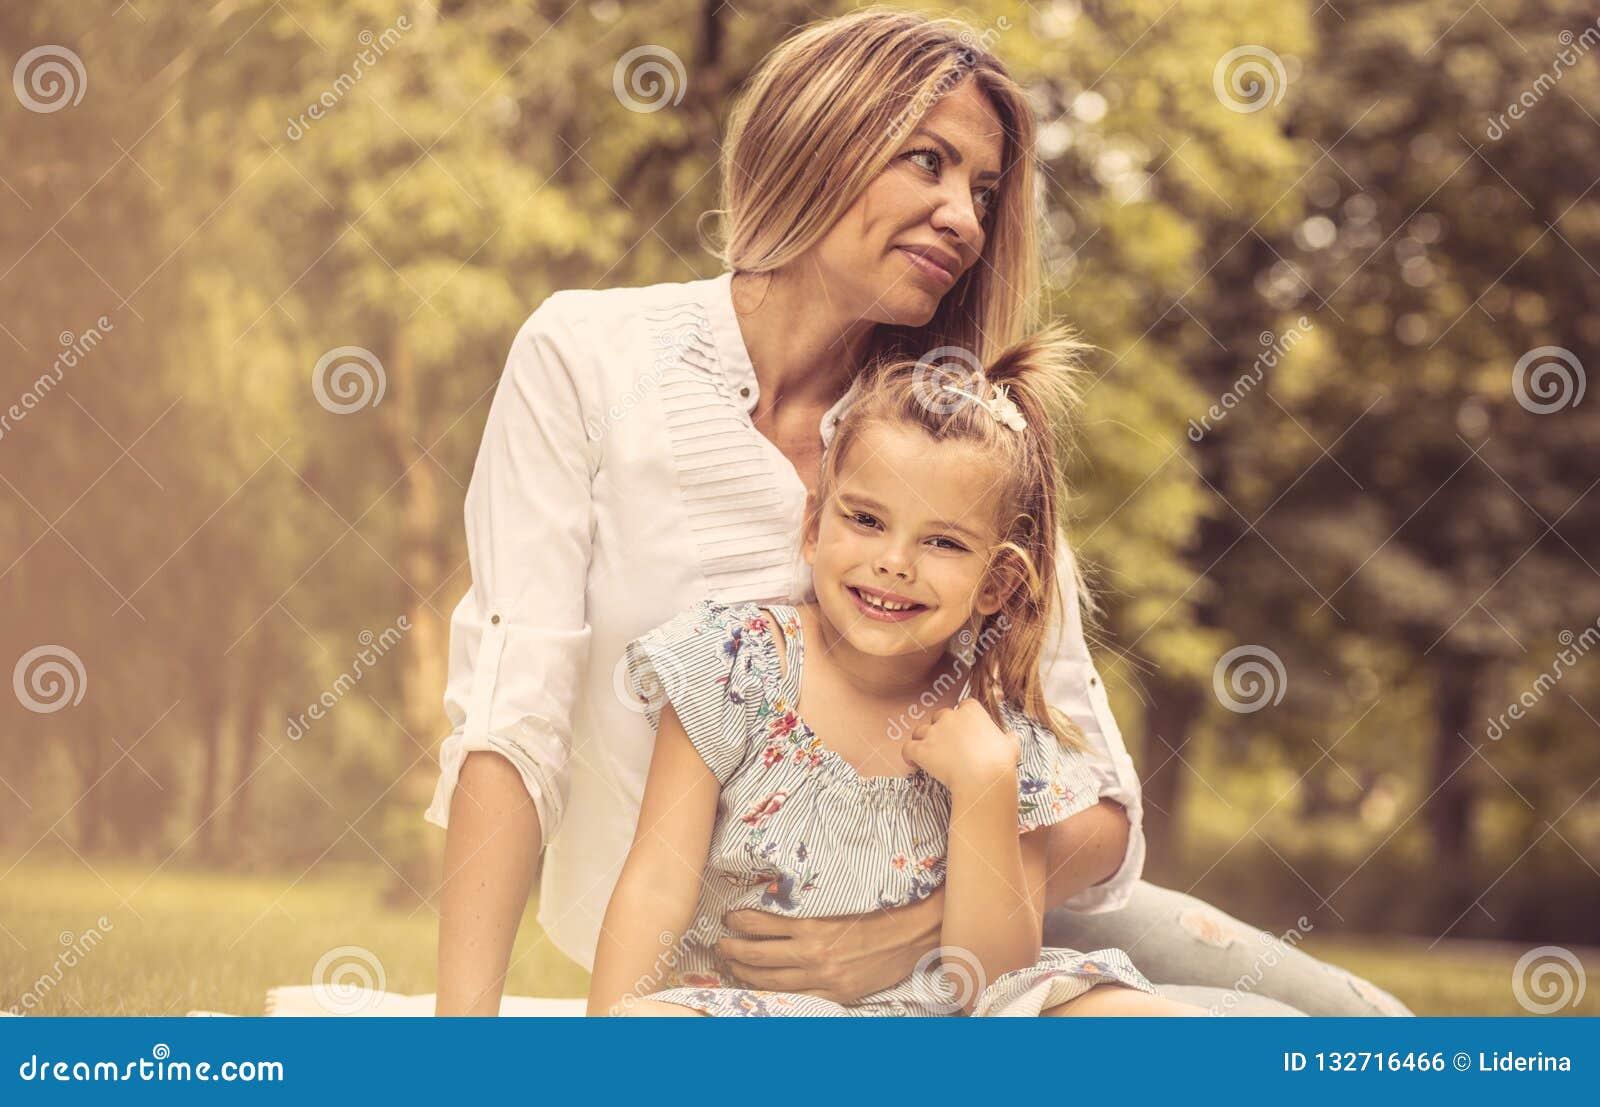 Giorno con la mamma